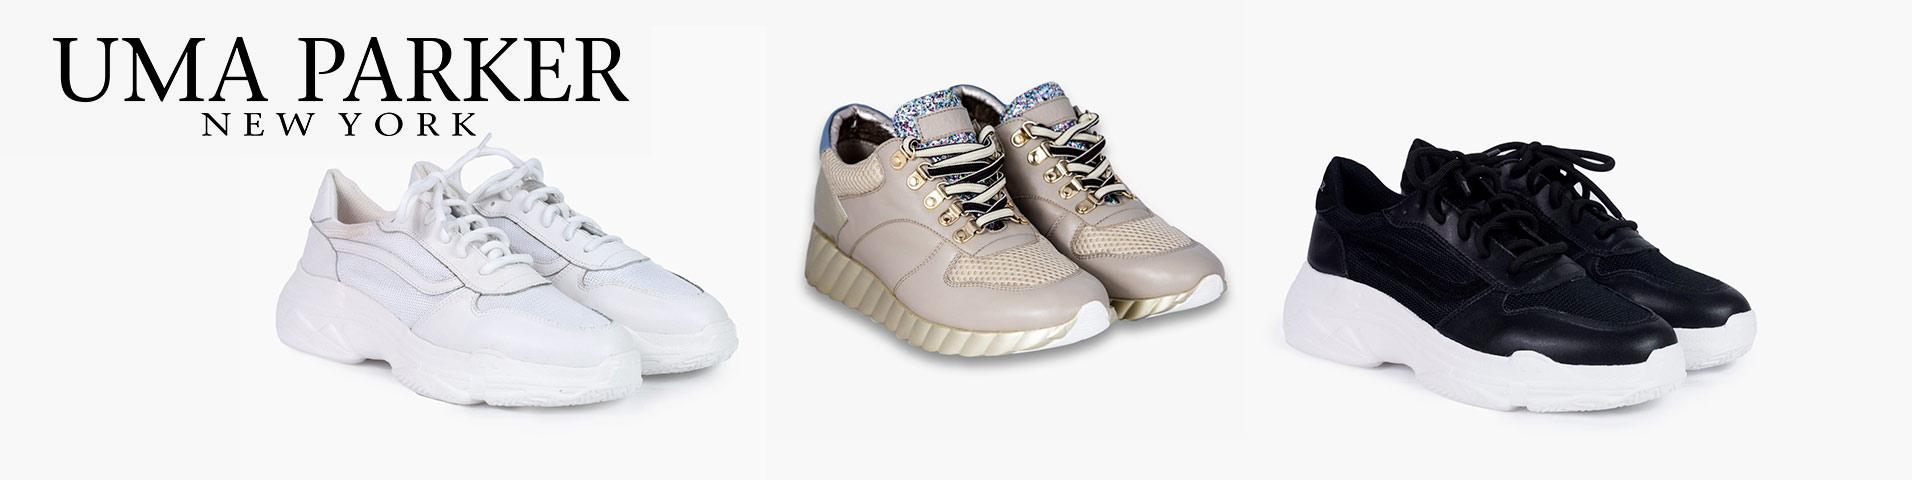 Günstige UMA PARKER Schuhe für Damen im Outlet online